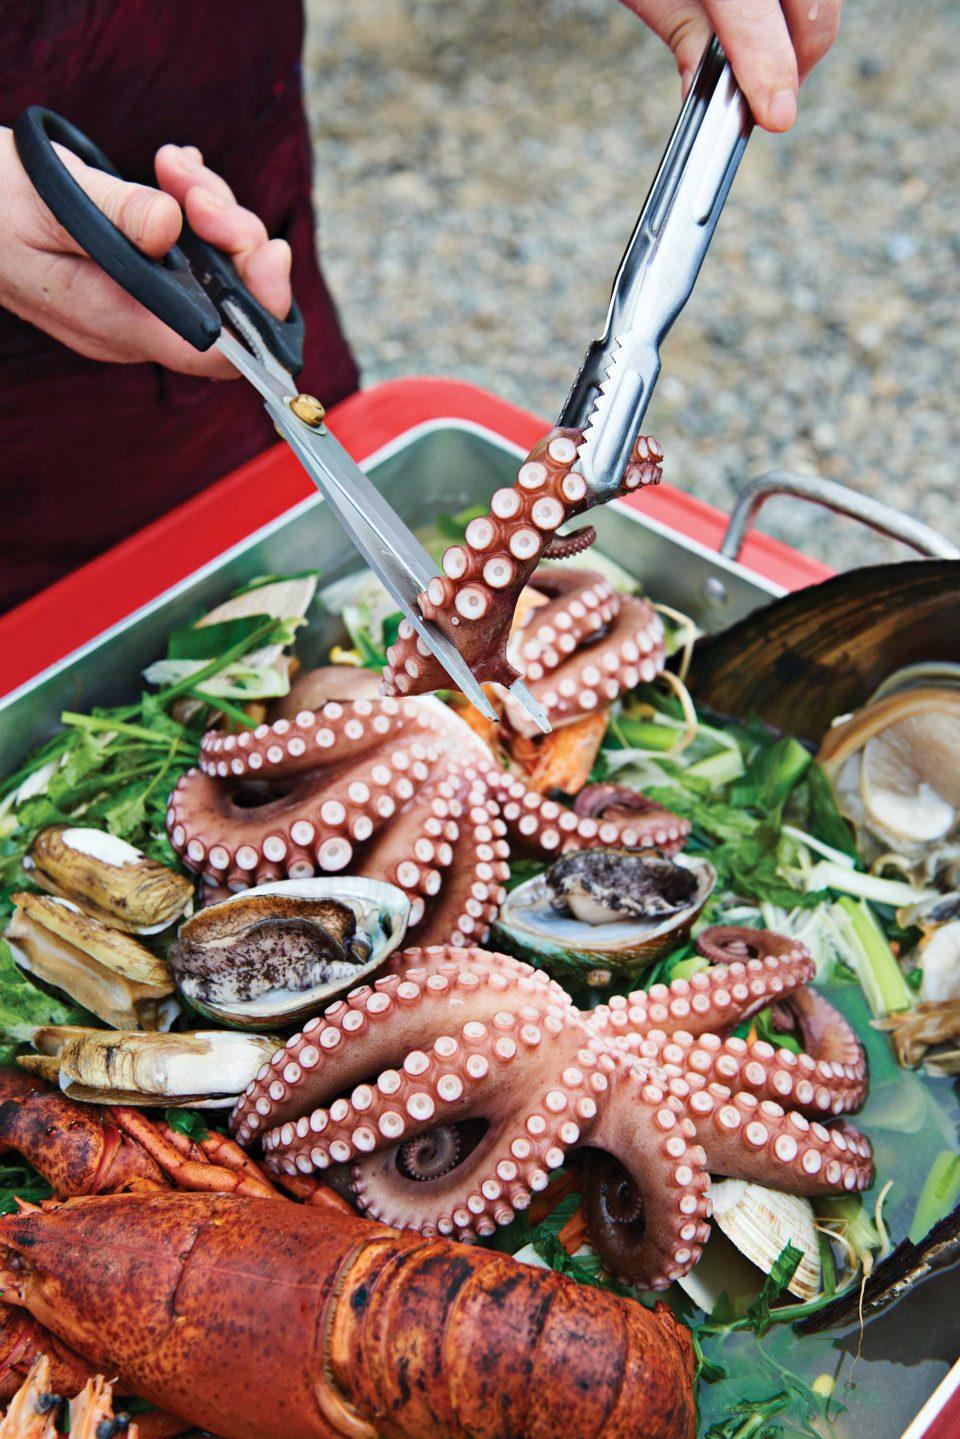 을왕리해수욕장 근처에는 조개구이집이 즐비하다. 여인천하조개구이에서 이 계절에 추천하는 메뉴는 문어찜이다.